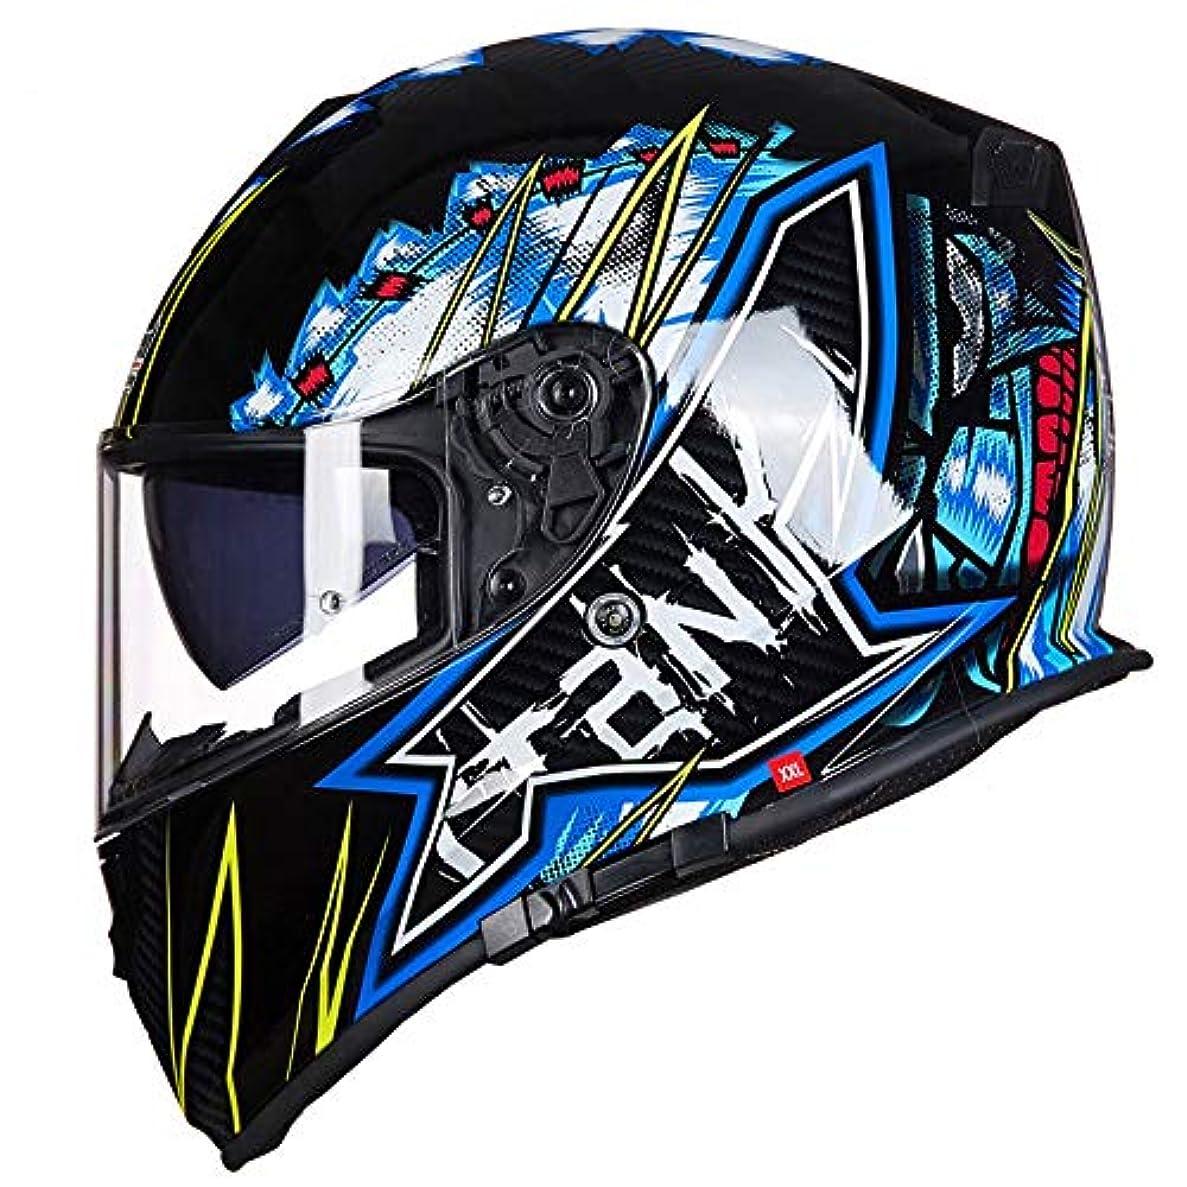 生物学煩わしいうっかりHYH タンクヘルメット男性と女性のオートバイのヘルメットフルフェイスヘルメットフルカバー四季防曇ダブルレンズオートバイのヘルメット防眩安全ヘルメット いい人生 (Size : M)